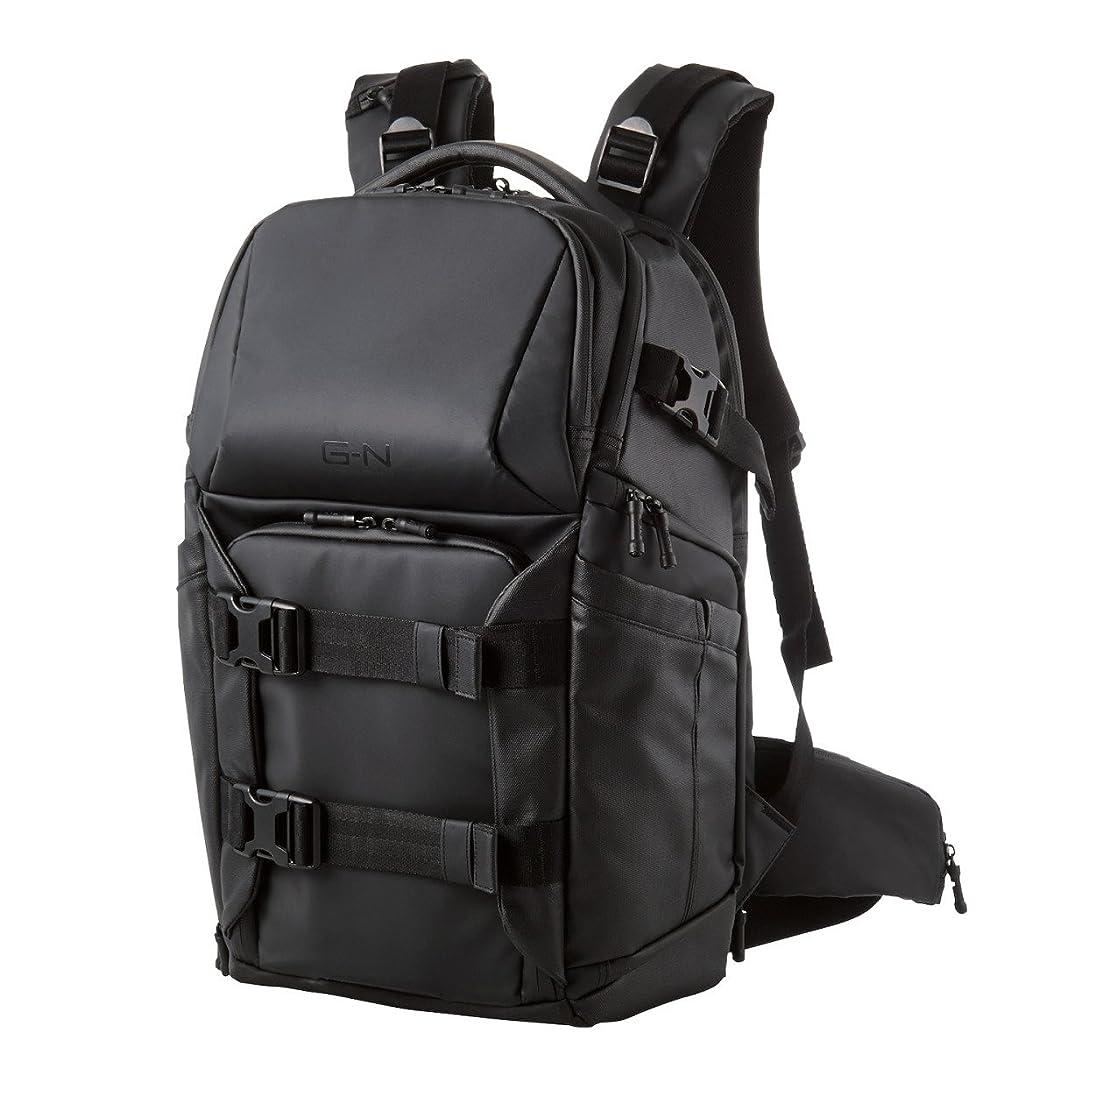 位置づけるお世話になった有限スリングバッグ K&F Concept® カメラバッグ ショルダー カメラバッグ 一眼レフ おしゃれ 斜め掛け ボディバック ブラック Canon Nikon Sony Sigma Tamronなどデジタル一眼レフカメラ専用 三脚取付可 PC収納可 多機能